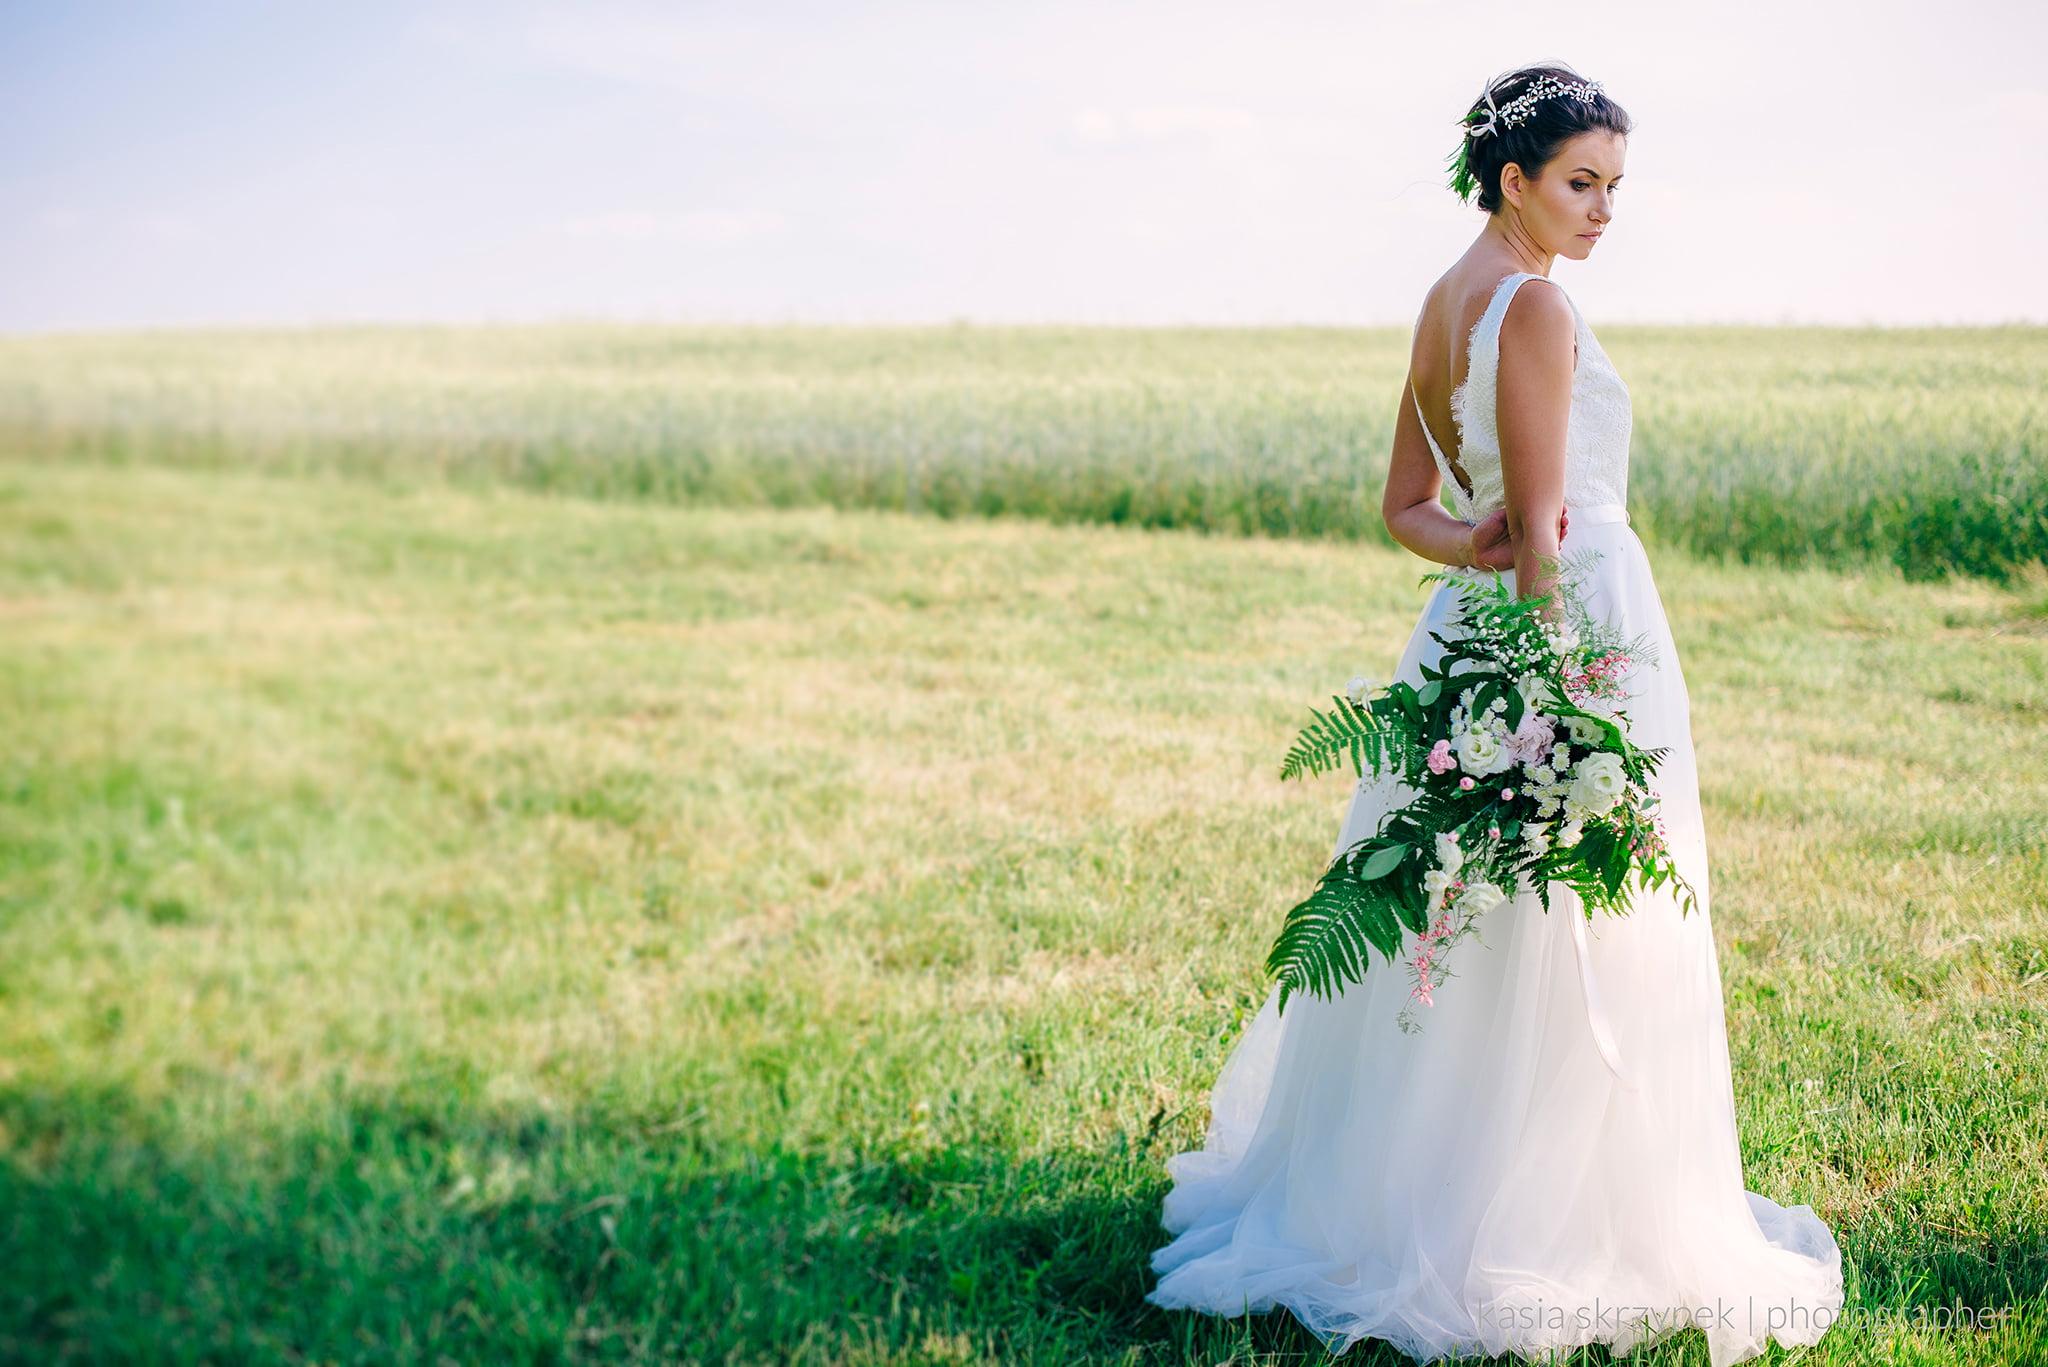 Blog-Botanical-Wedding-Styled-Shoot-04